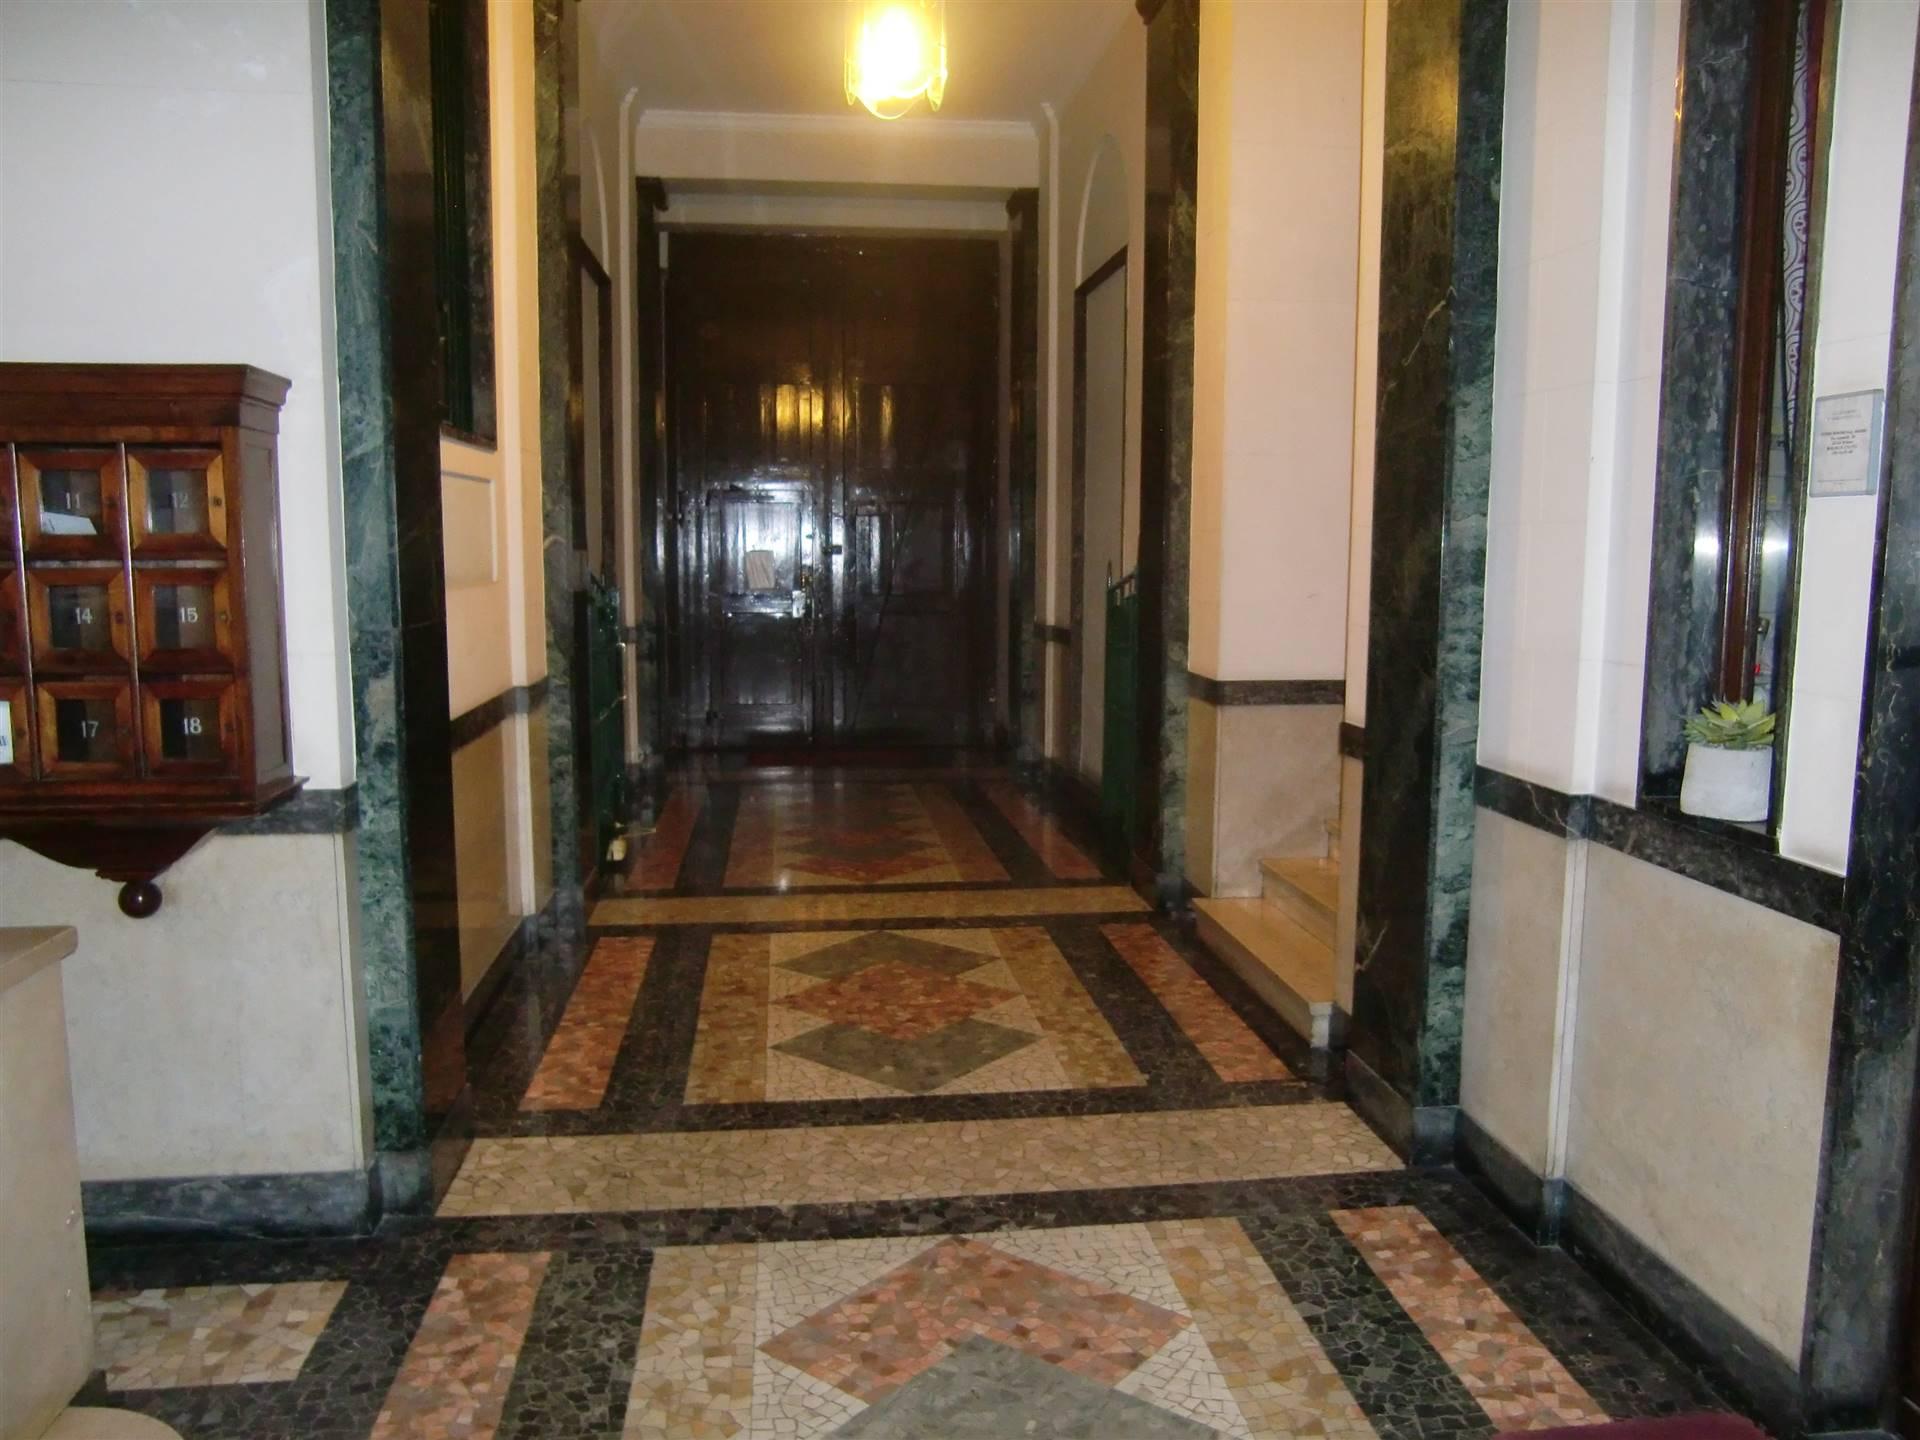 STAZIONE CENTRALE, MILANO, Ufficio in affitto di 80 Mq, Riscaldamento Centralizzato, Classe energetica: G, Epi: 338,63 kwh/m3 anno, posto al piano